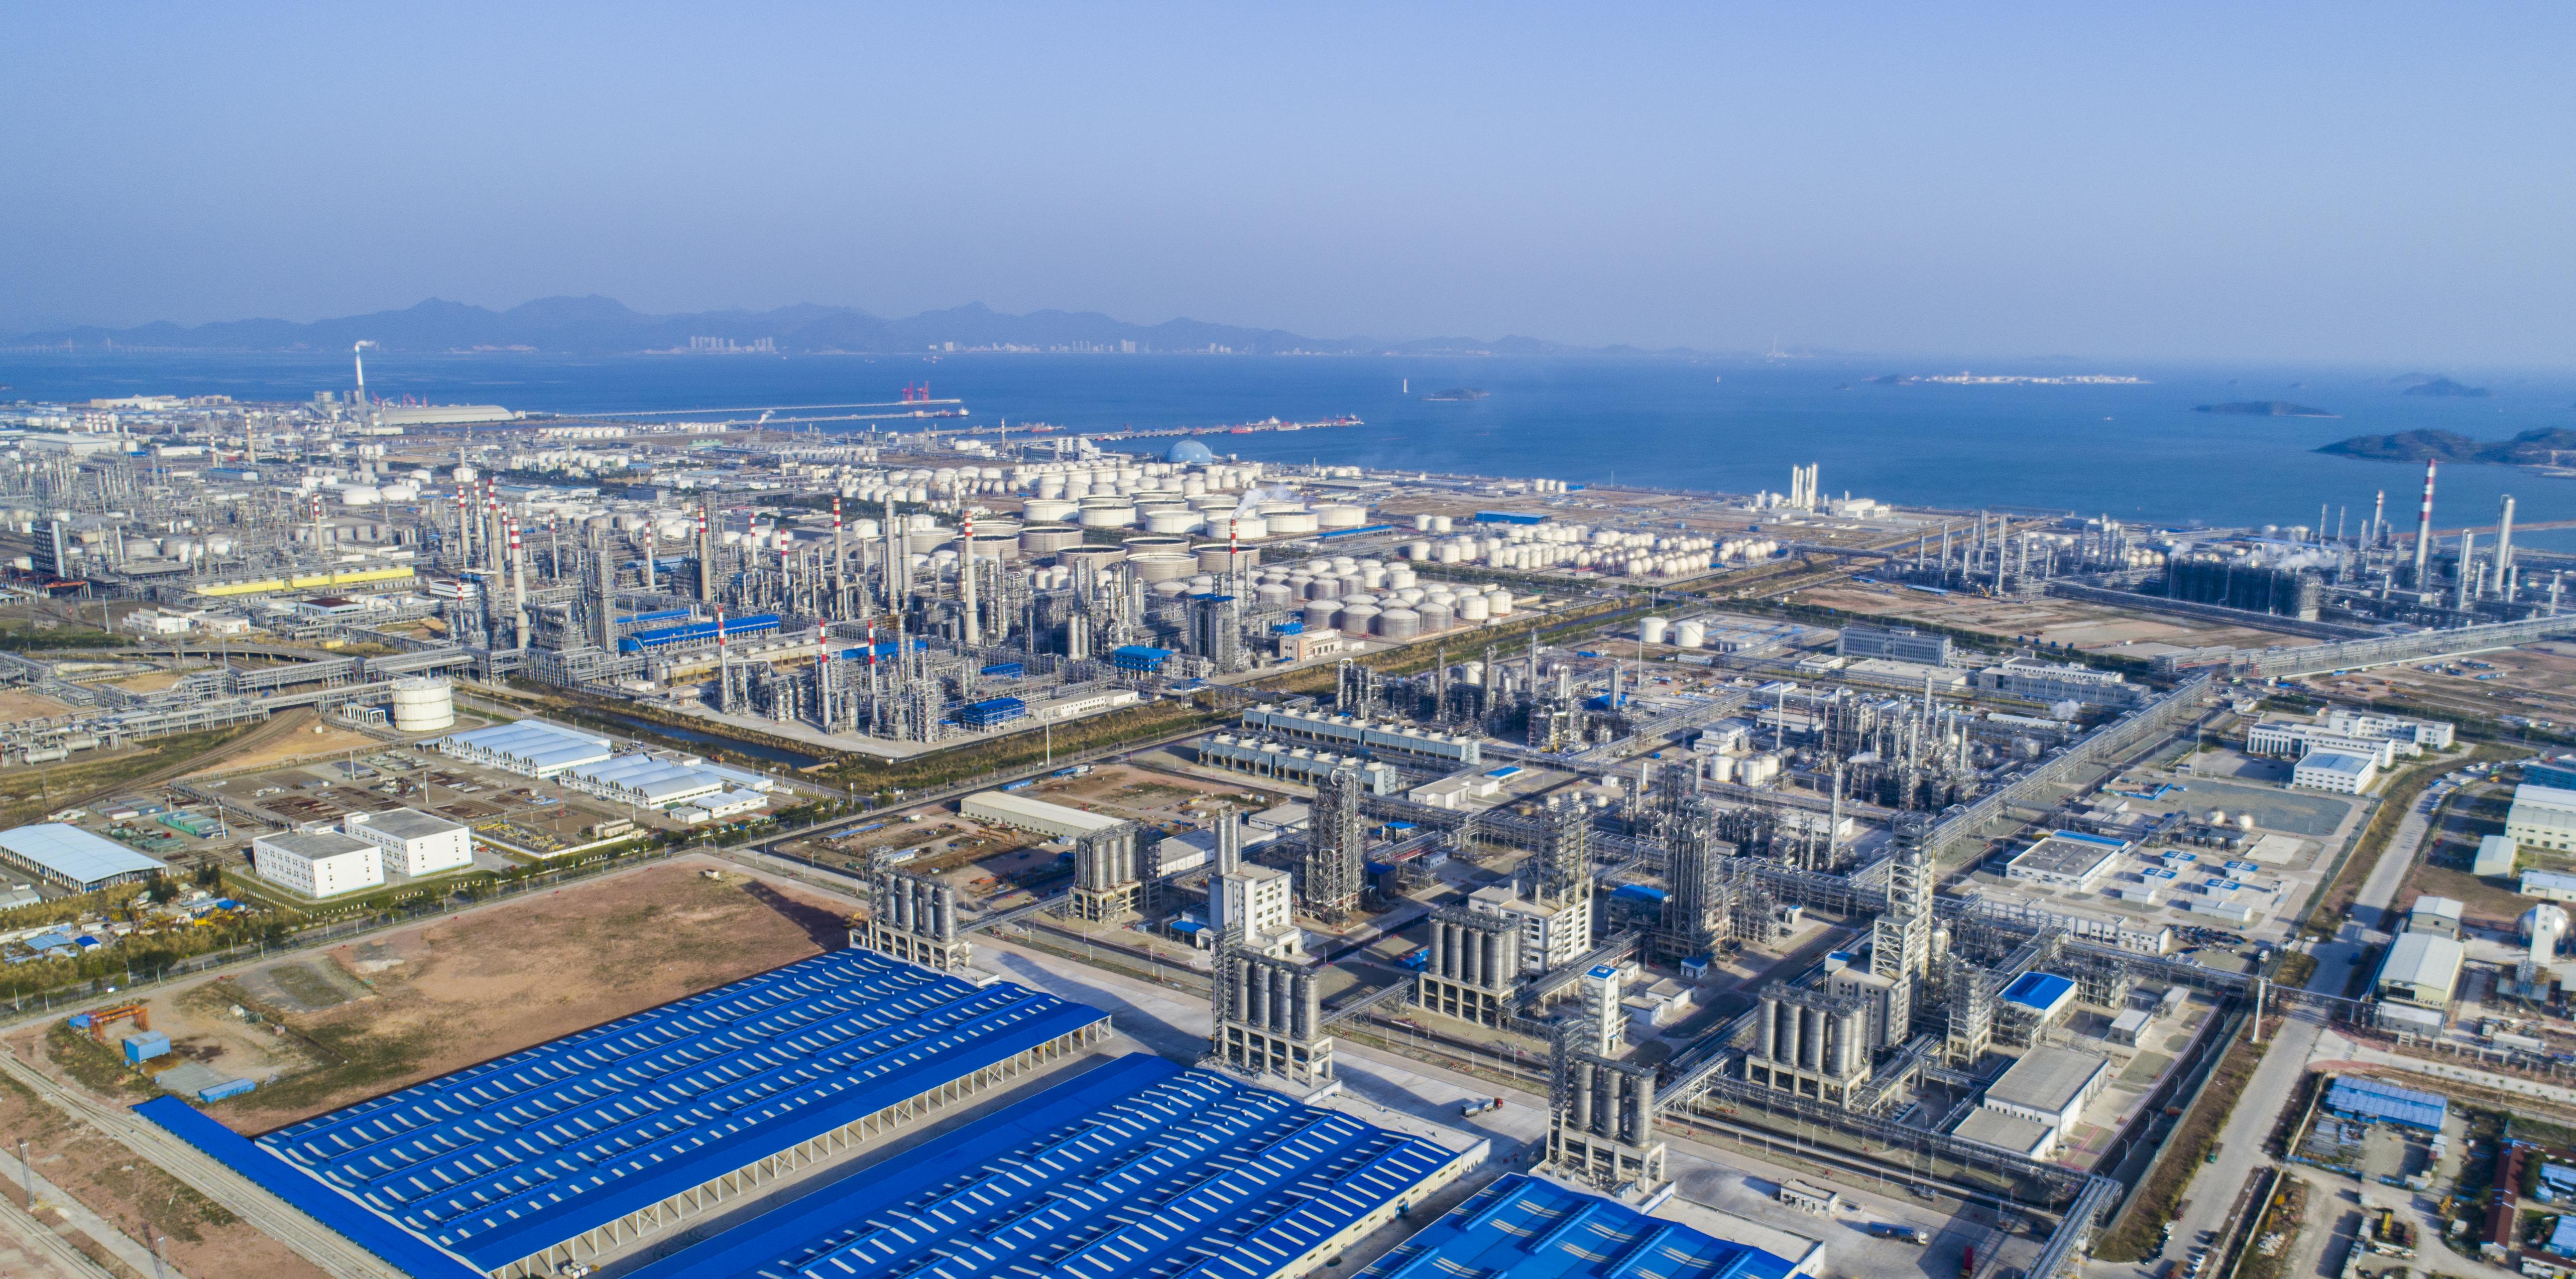 中国海油与壳牌联手开发建设世界级规模的聚碳酸酯装置